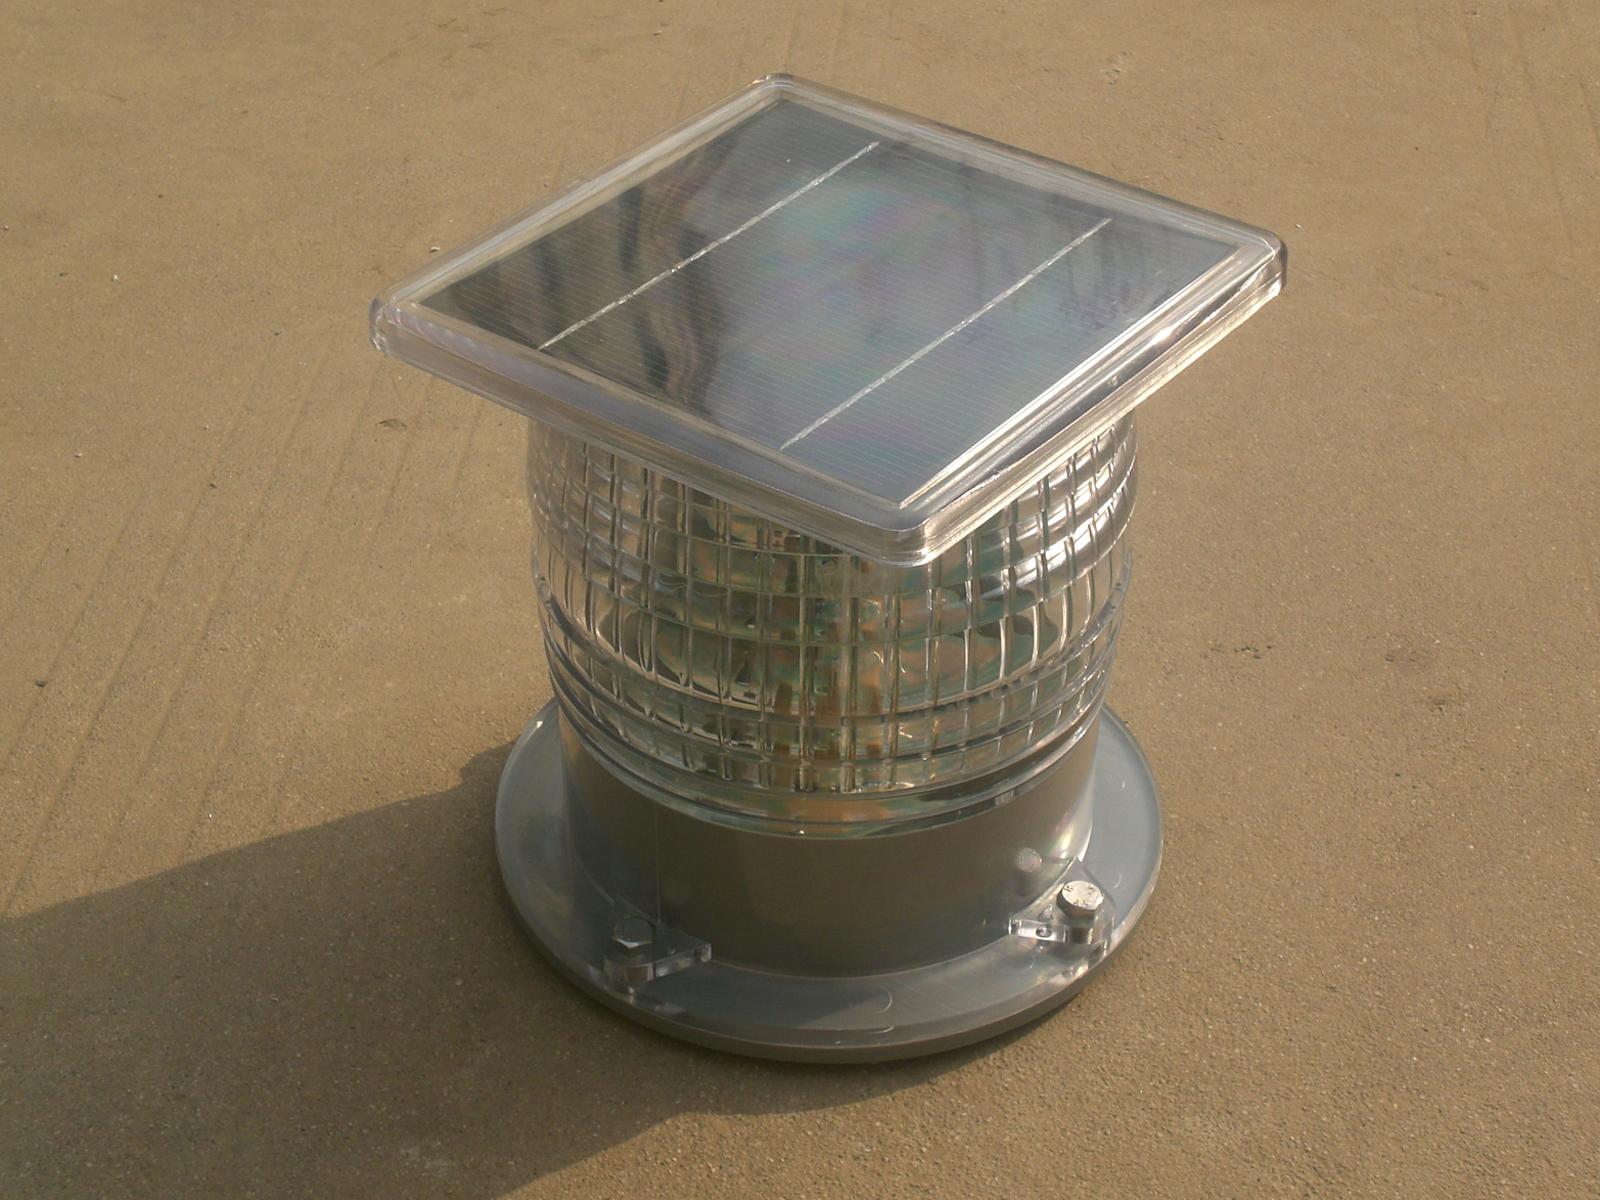 Lsw 303 Solar Stern Light Topsun Co Ltd